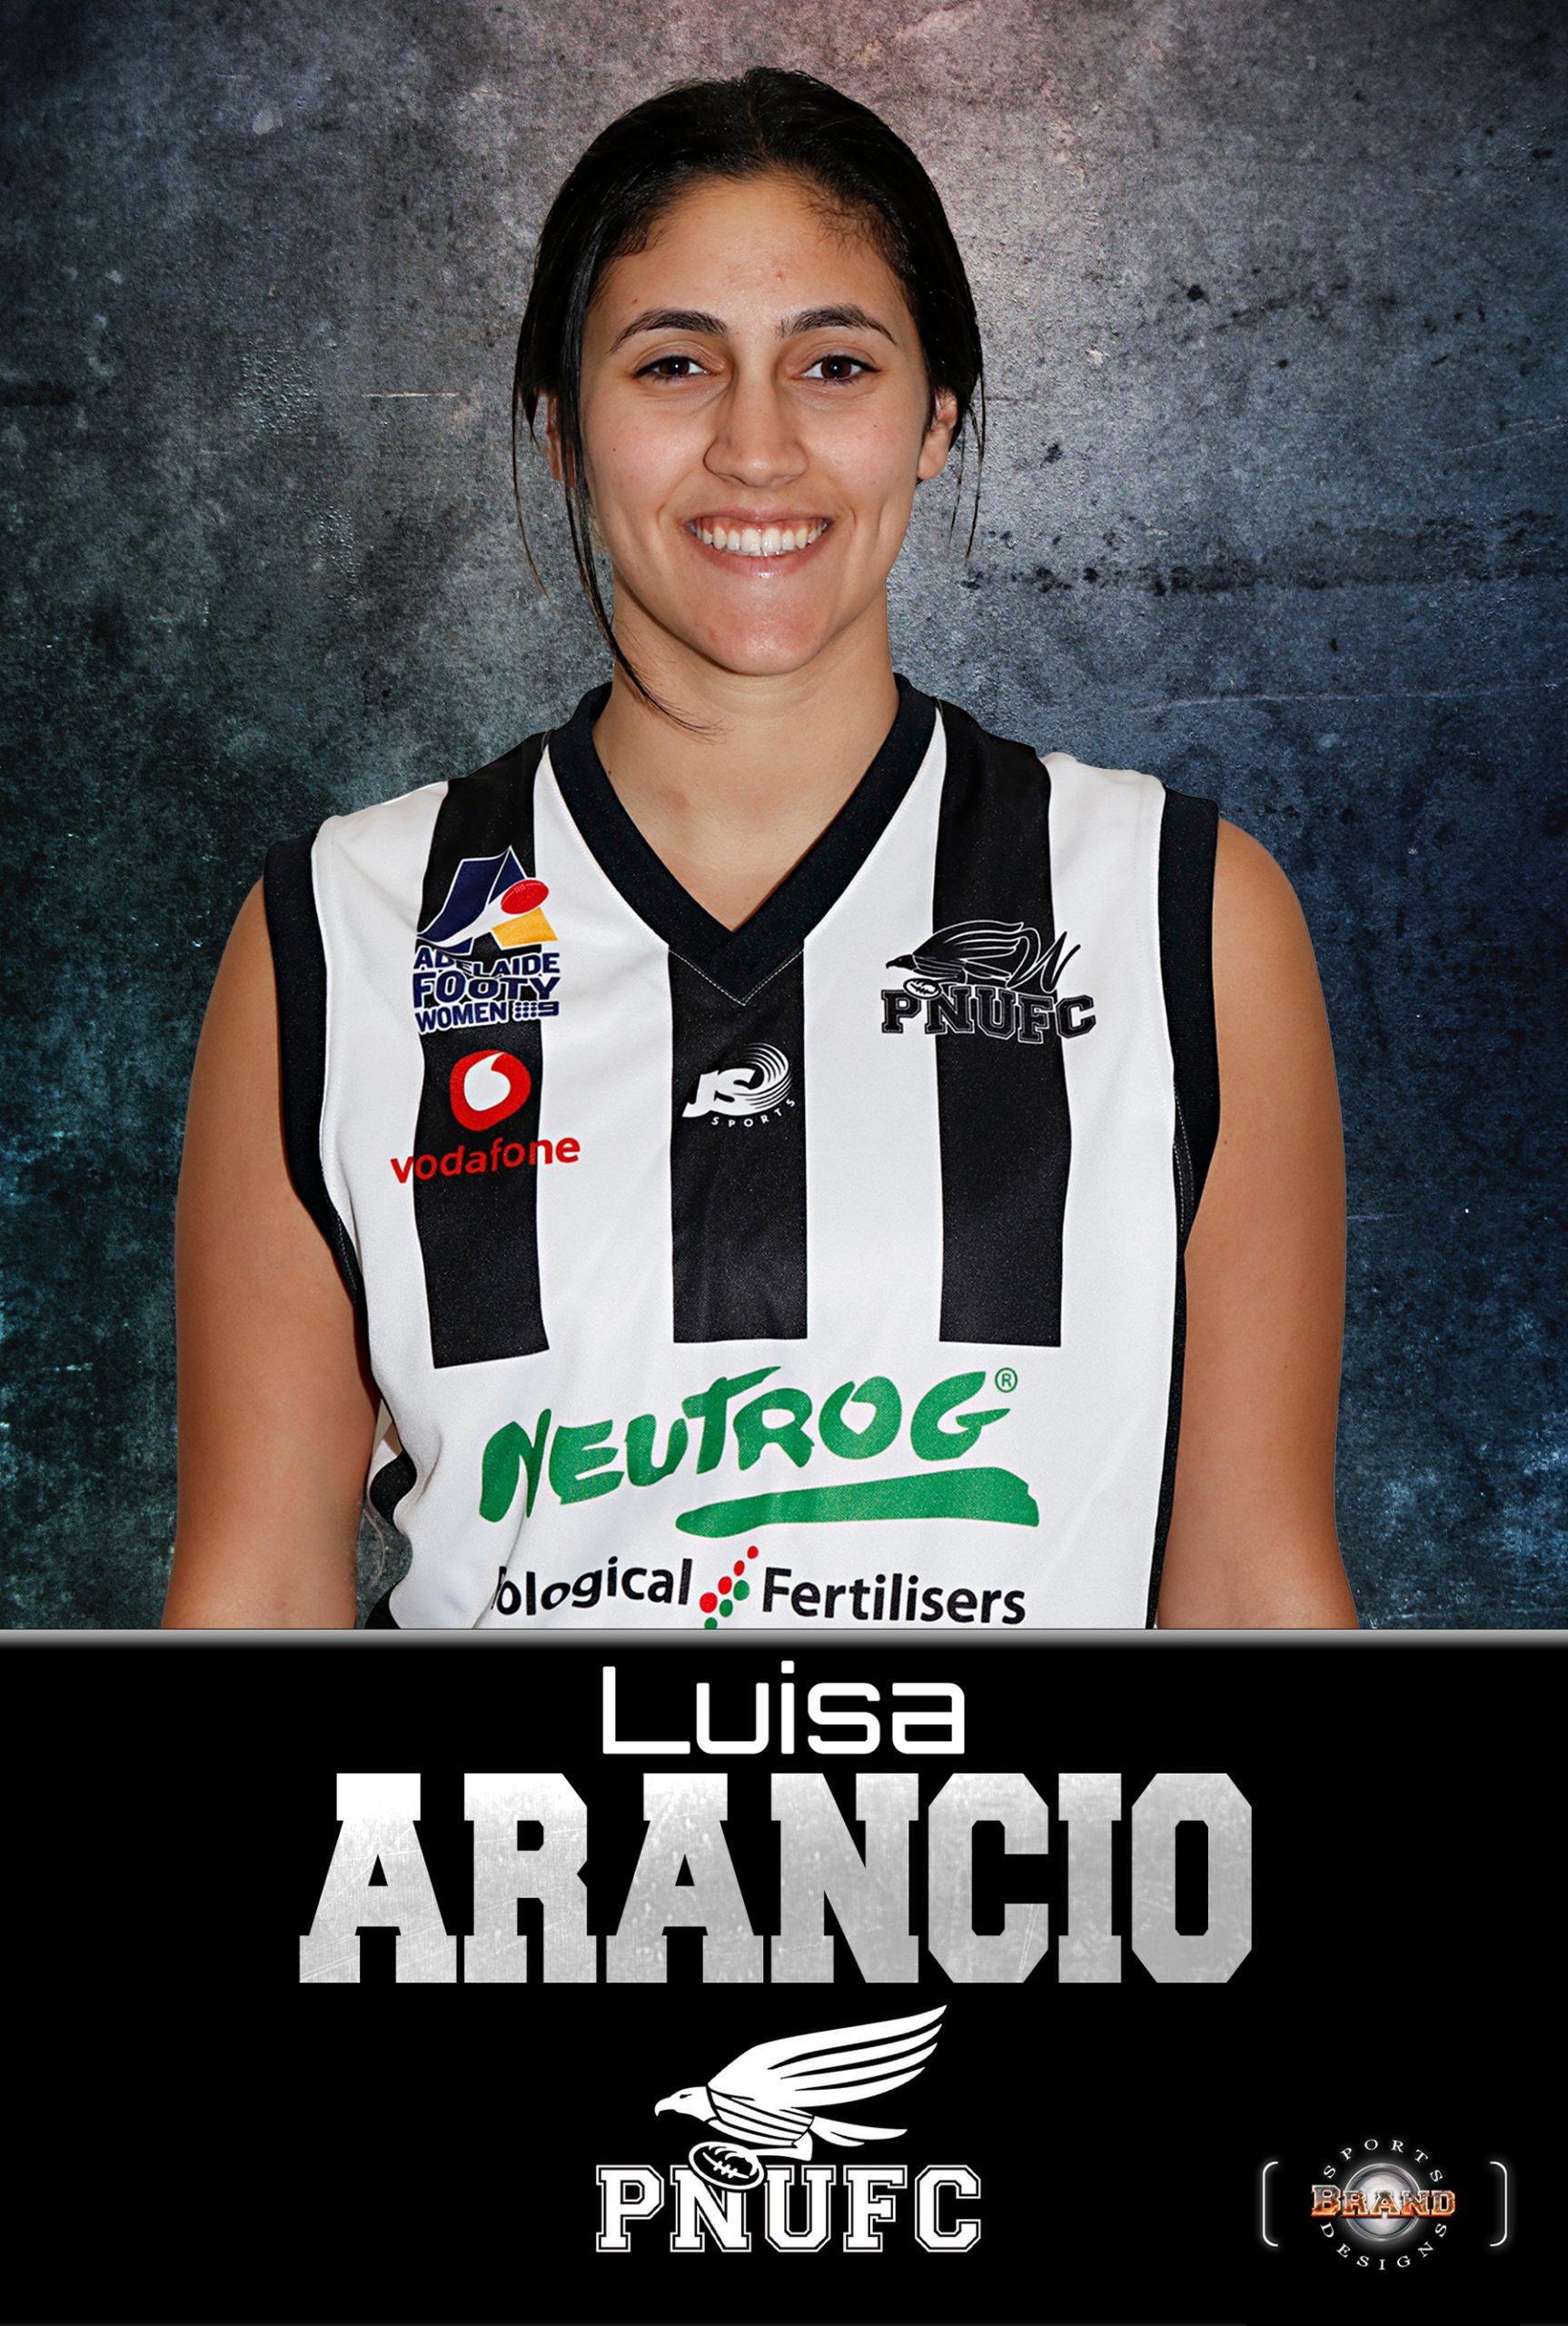 Luisa Arancio